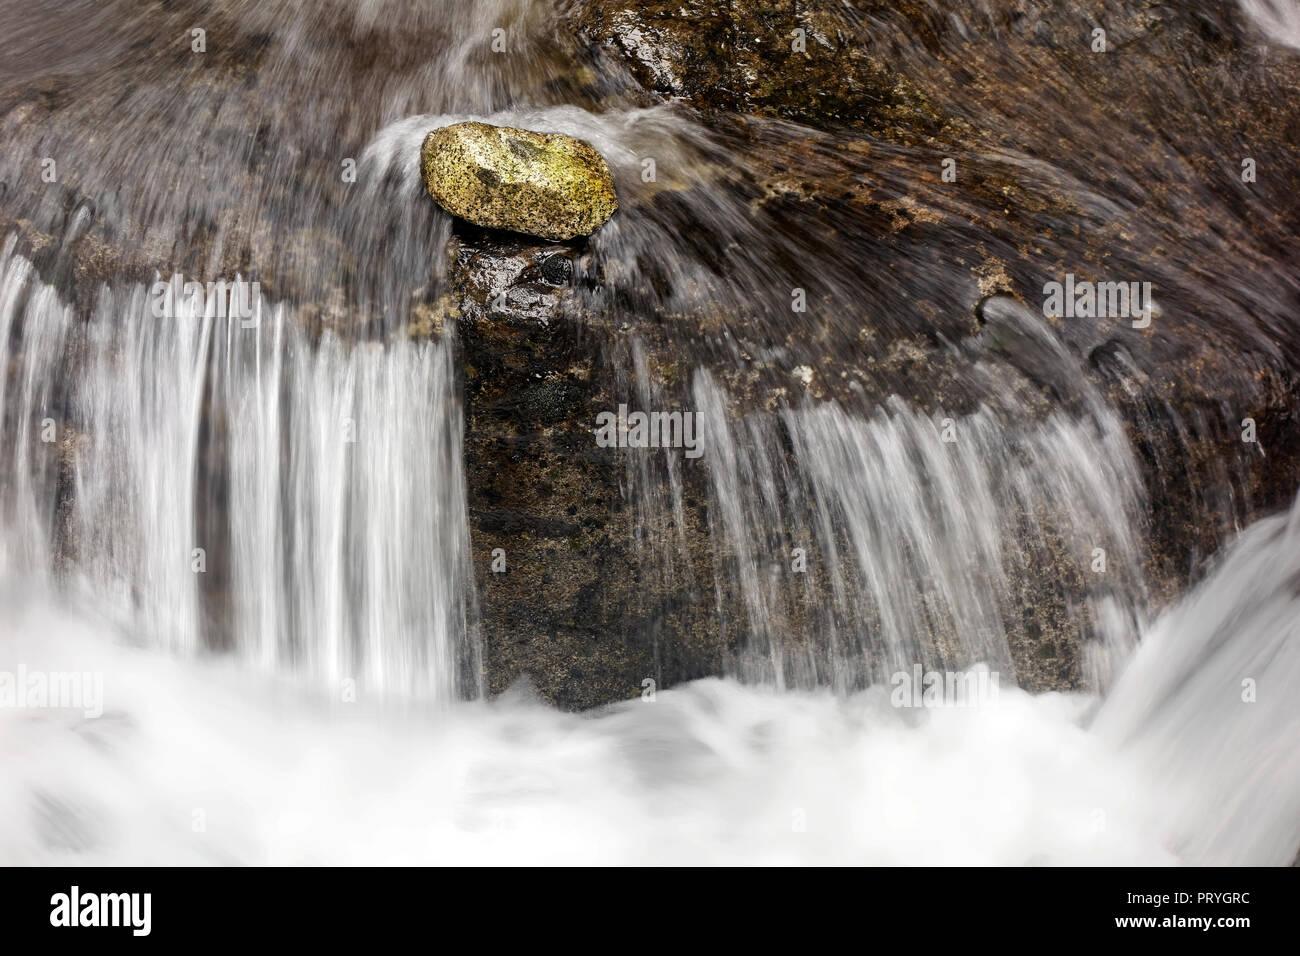 Stone se trouve en face d'une petite chute en courant, ruisseau de montagne, symbolisme, constance, tous contre un Banque D'Images